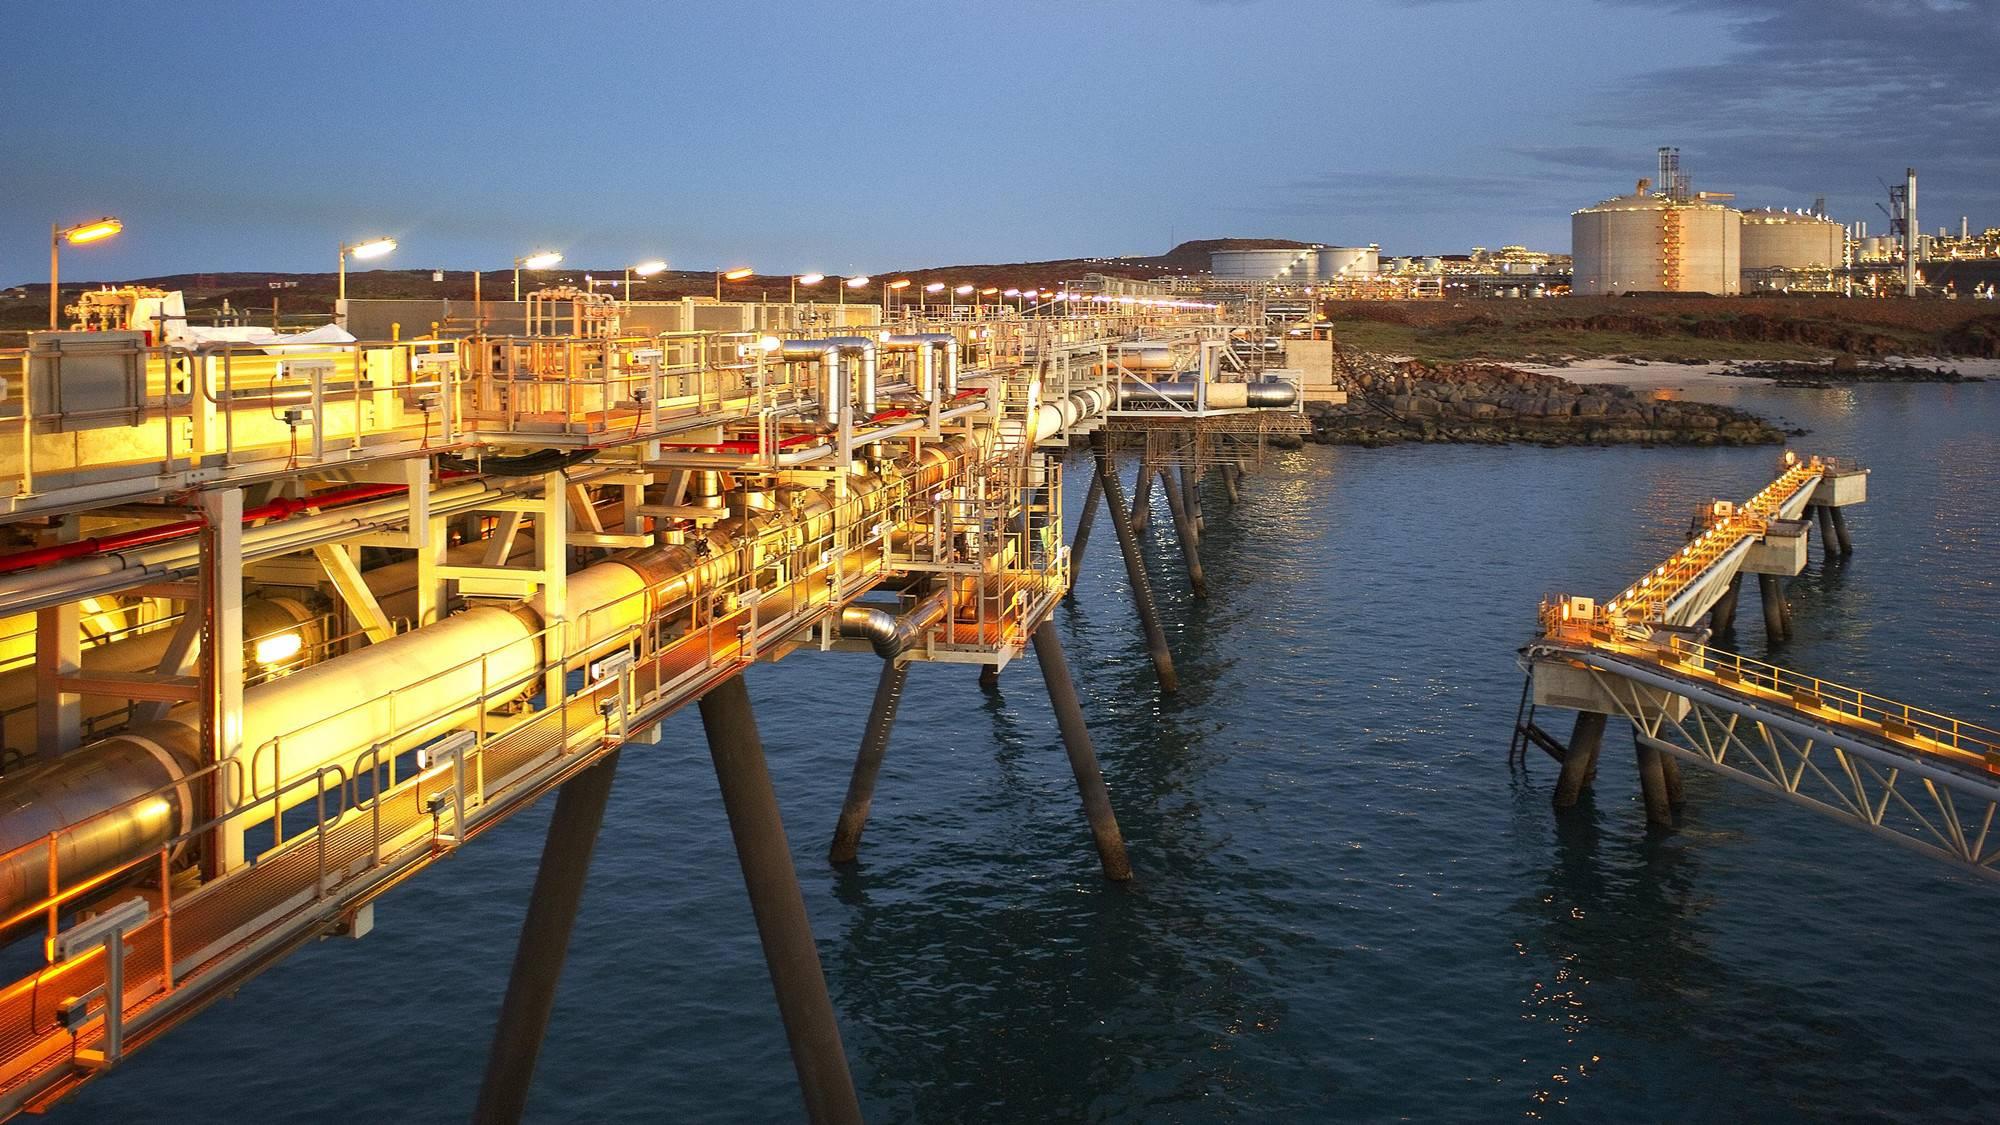 美国企业Bechtel 为澳大利亚伍德赛德石油企业建造第二条LNG生产列车